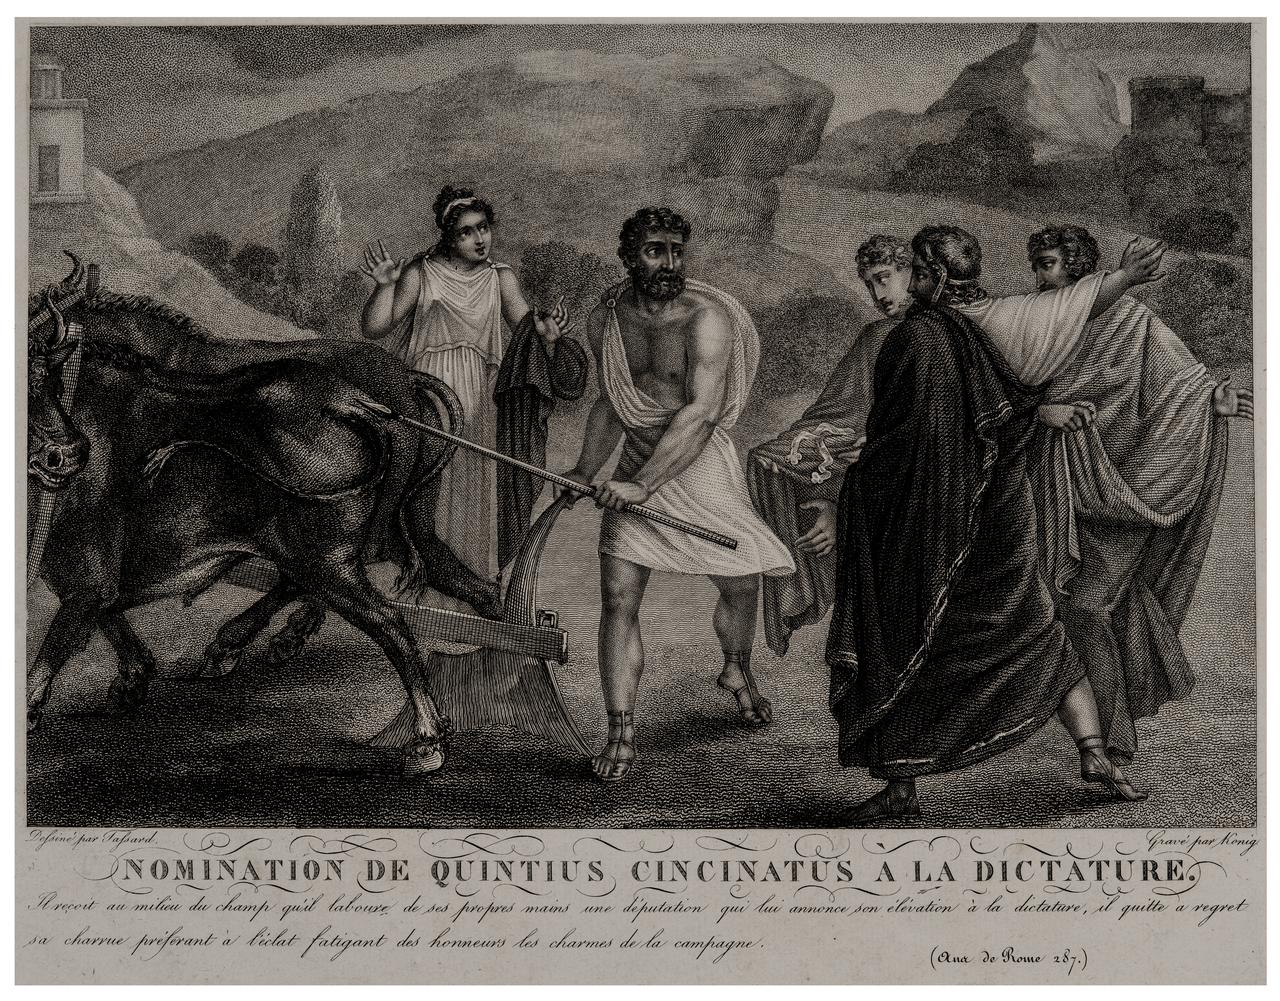 An Early Engraving Nomination De Quintius Cincinatus A La Dictator Grave' Koning